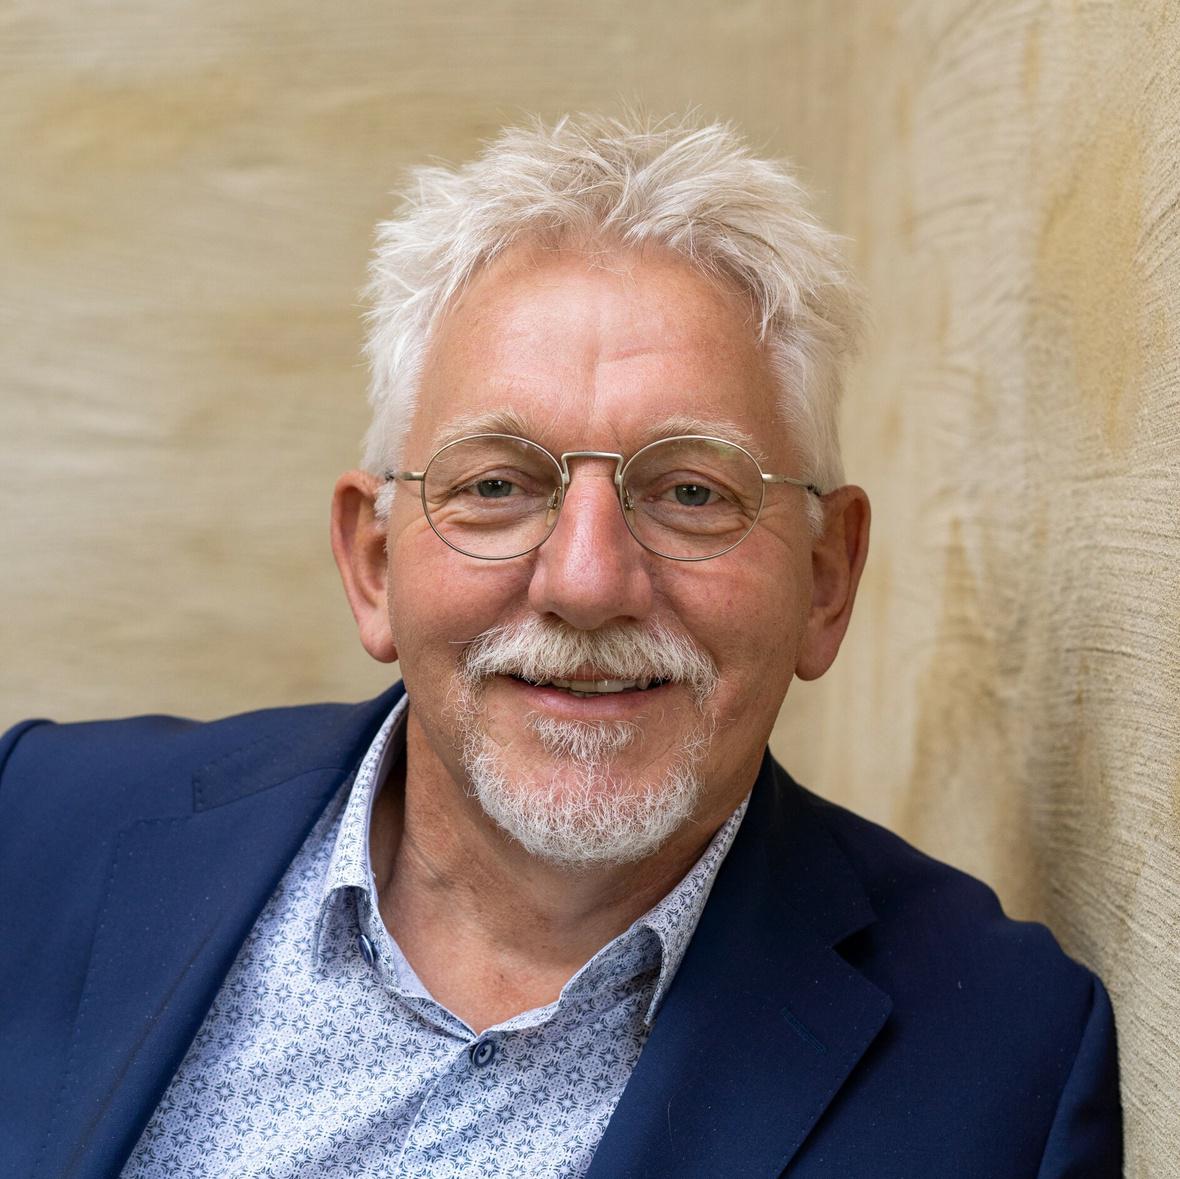 Profielfoto auteur Klaas van der Kamp